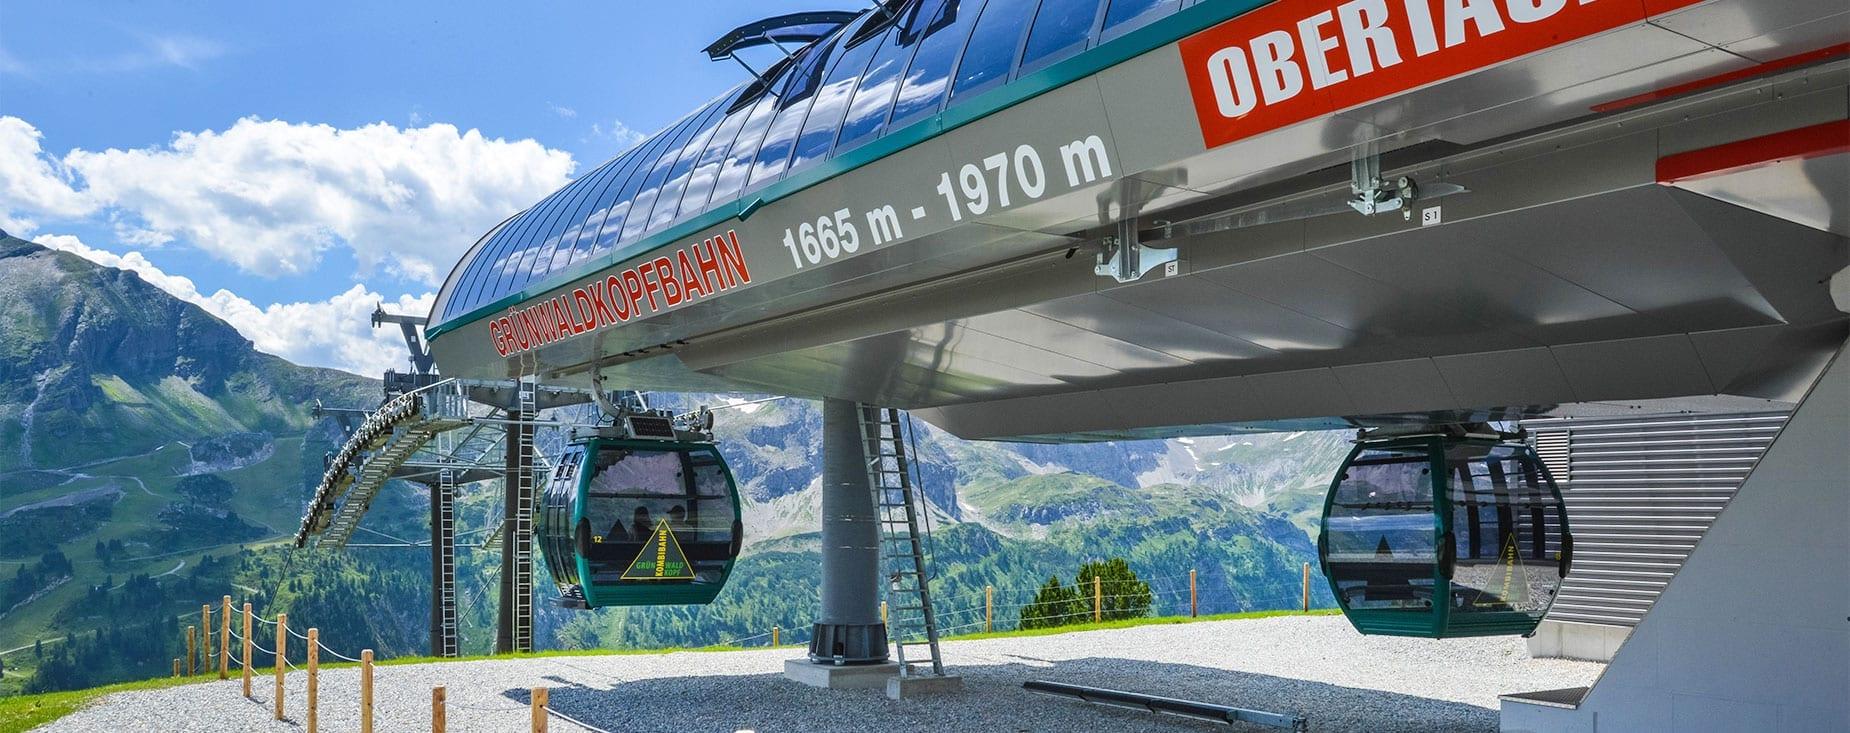 Sommerbetrieb der Grünwaldkopfbahn in Obertauern